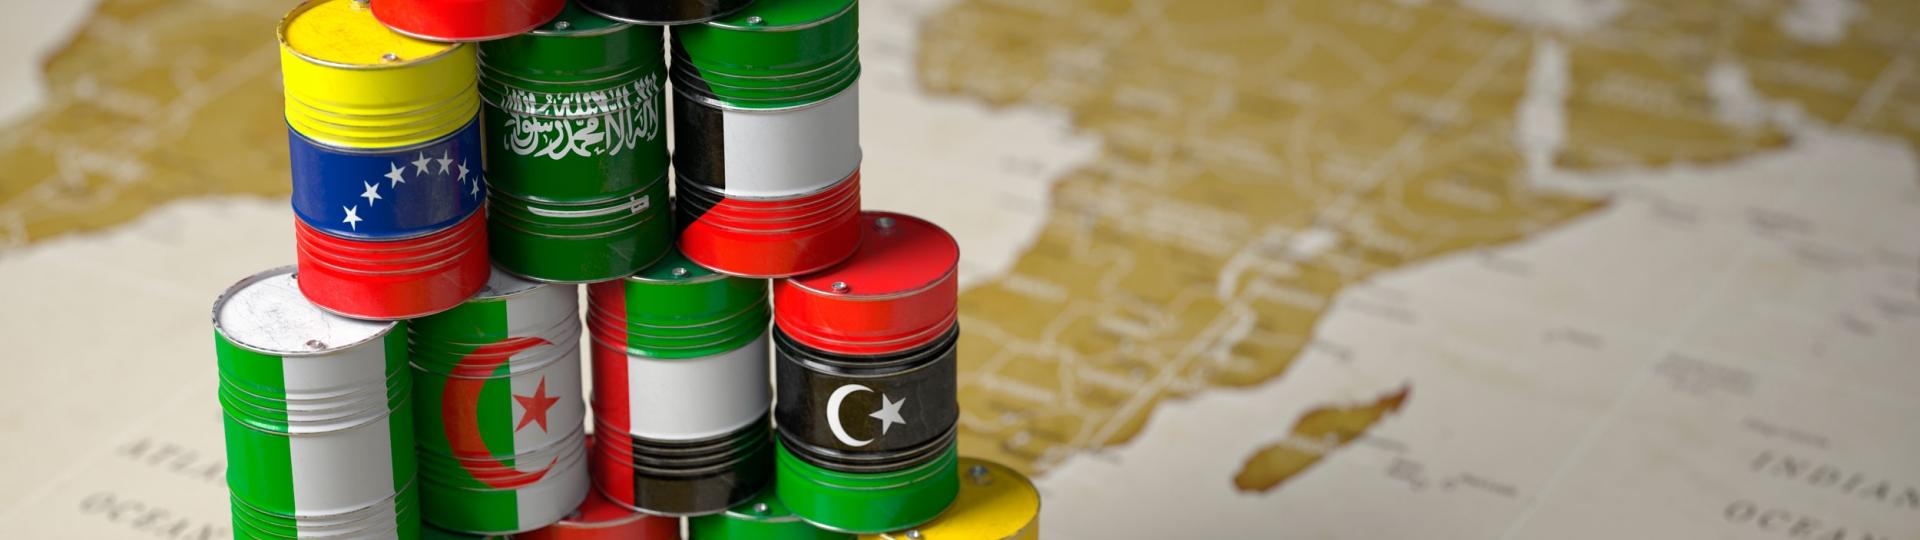 Preço do petróleo reage timidamente